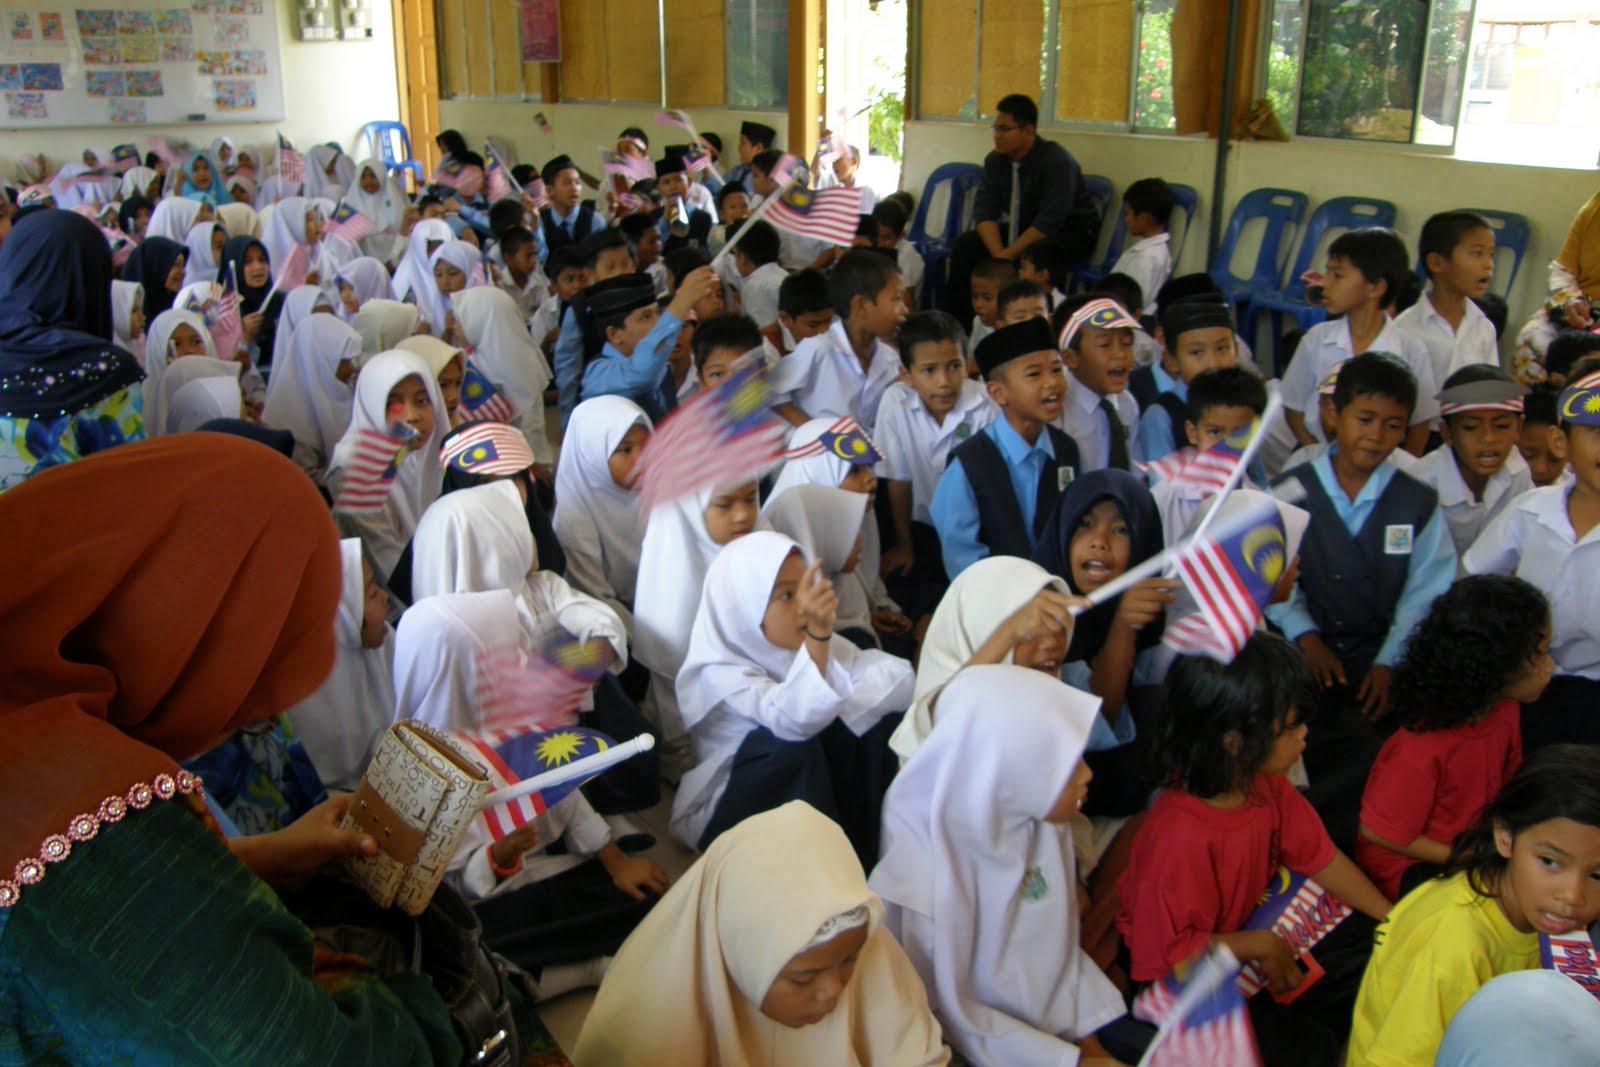 karangan sambutan hari kemerdekaan Kebaikan sambutan hari ulang tahun kemerdekaan ini adalah dapat memupuk semangat patriotik atau cinta akan negara dengan menyambut hari ulang tahun kemerdekaan.